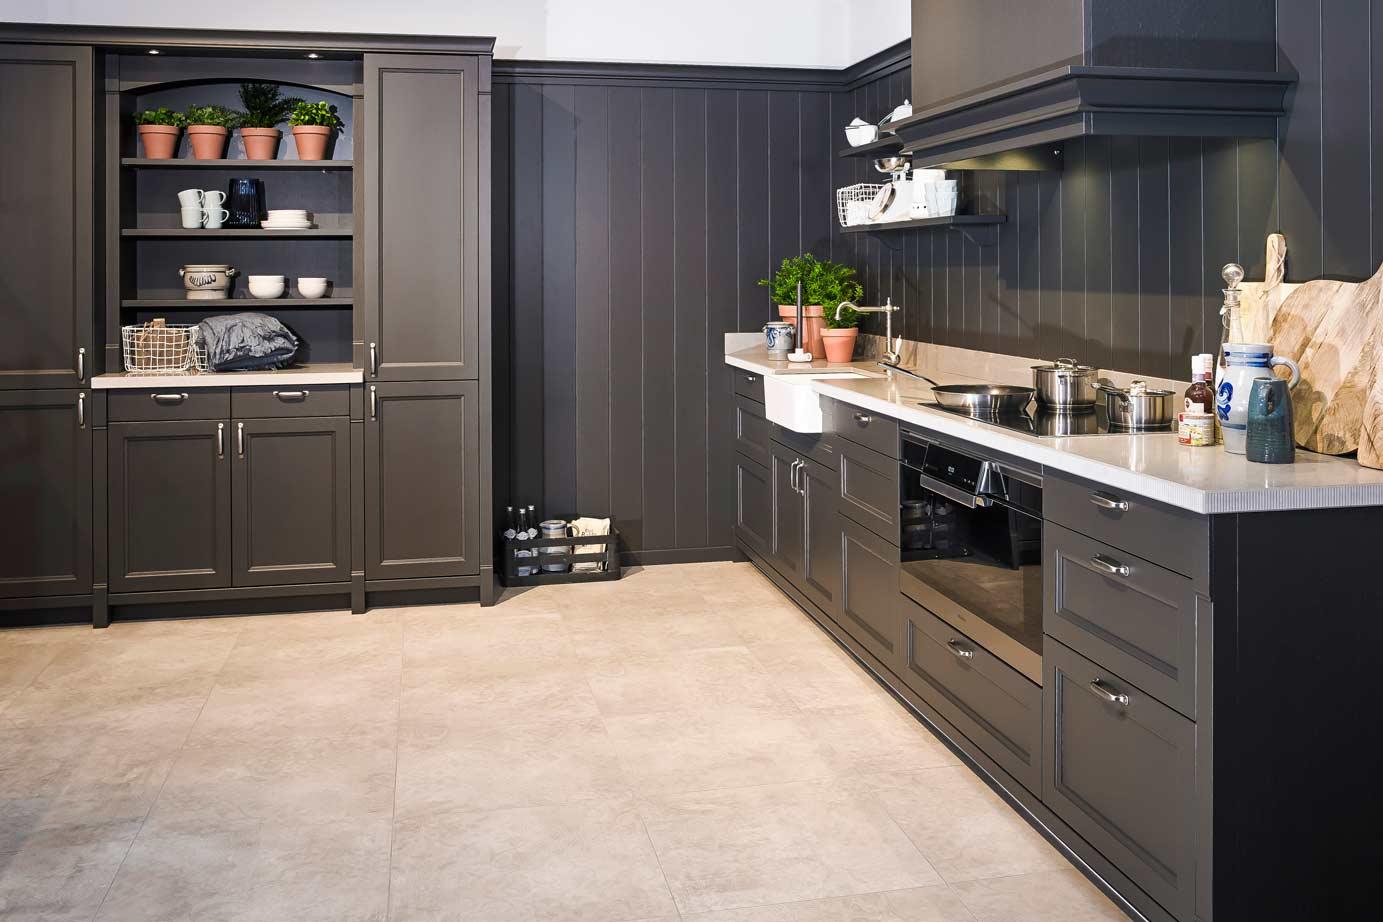 Landelijk Kleuren Keuken : Landelijke inrichting interieur advies cottage stijl